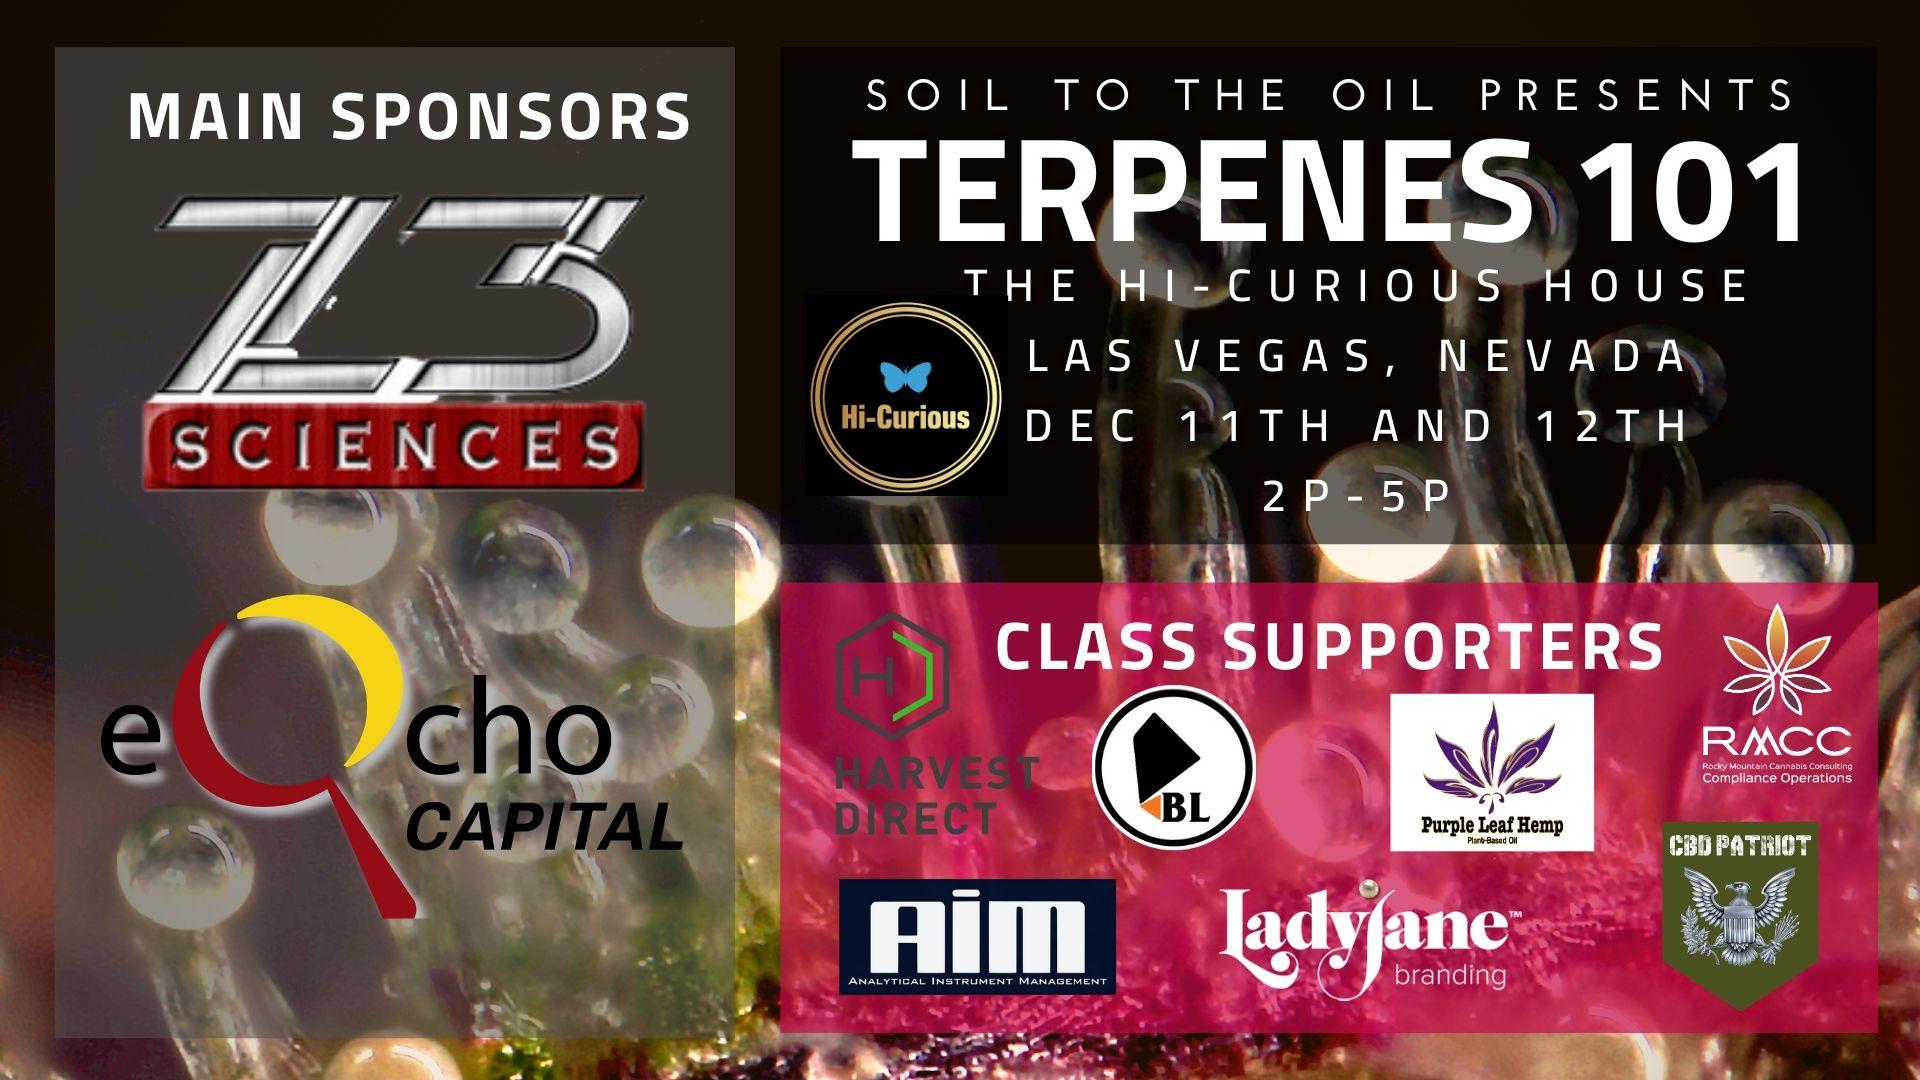 Z3 Sciences and eQcho Capital Presents Terpenes 101 - 12/12/19